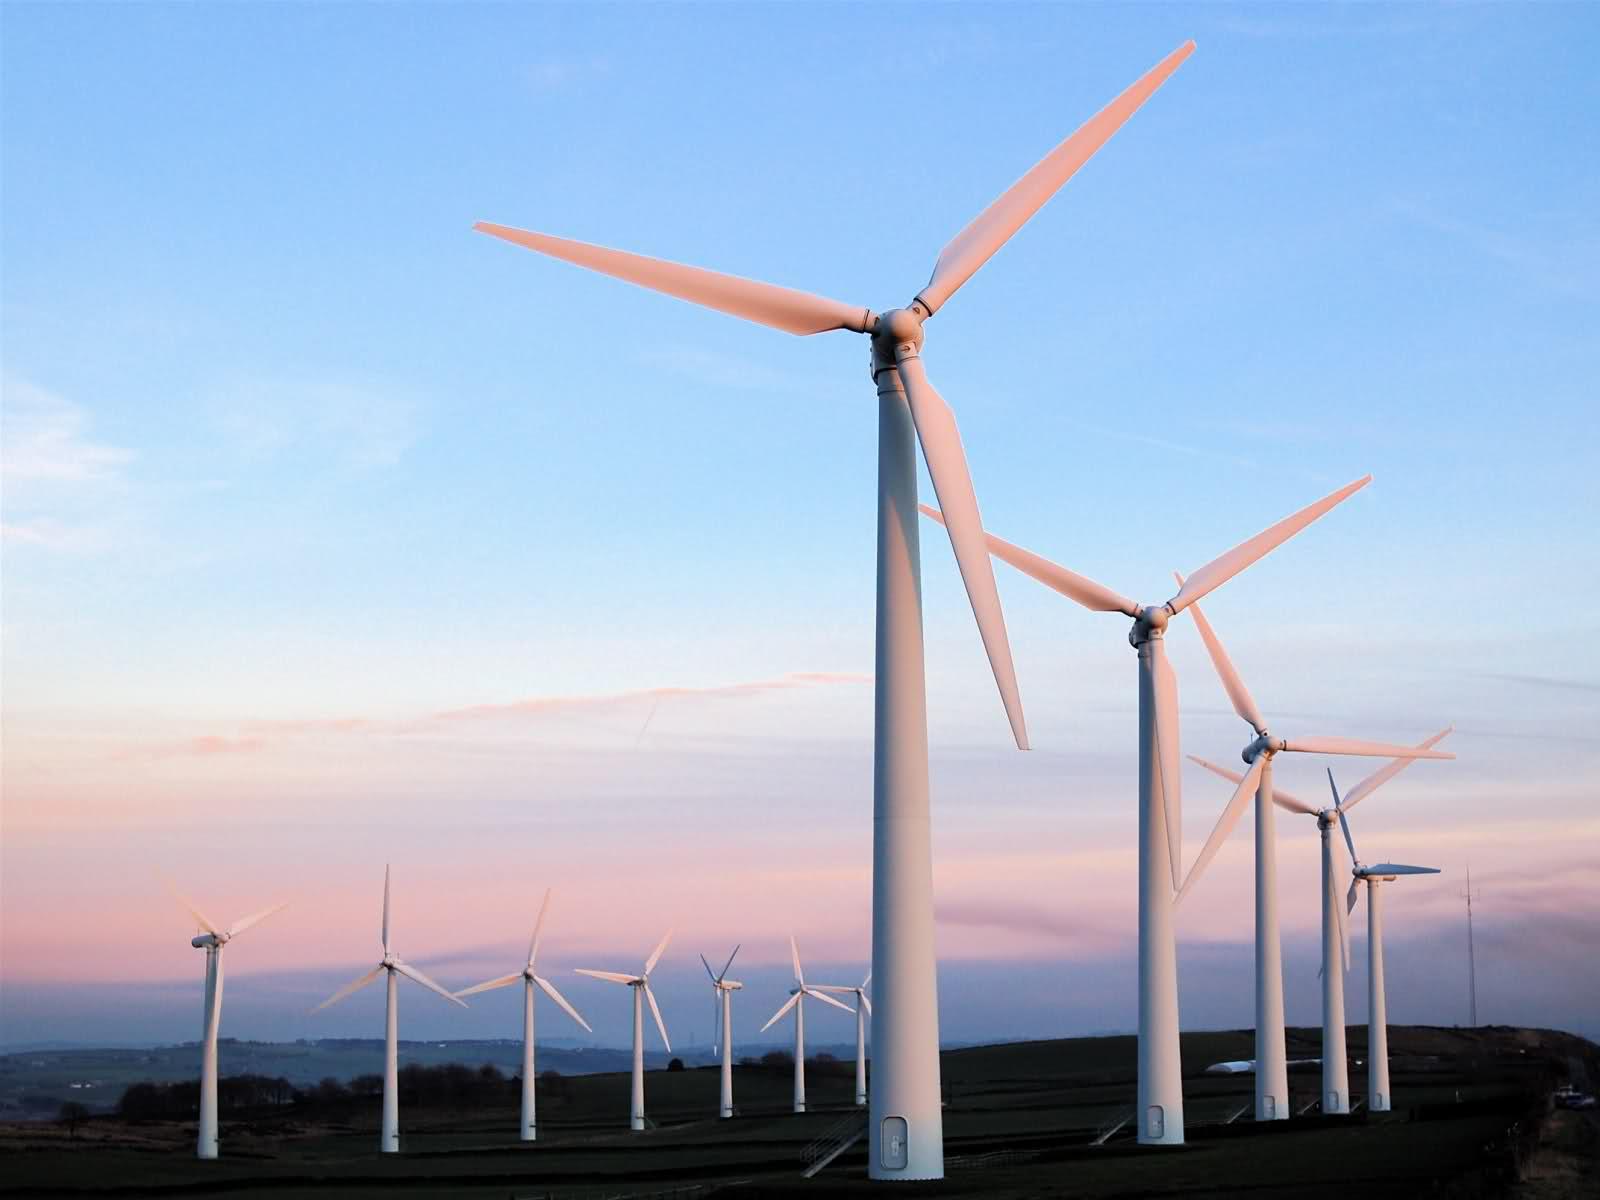 Разработчик из Узбекистана подал патент на ветроэнергетическую установку